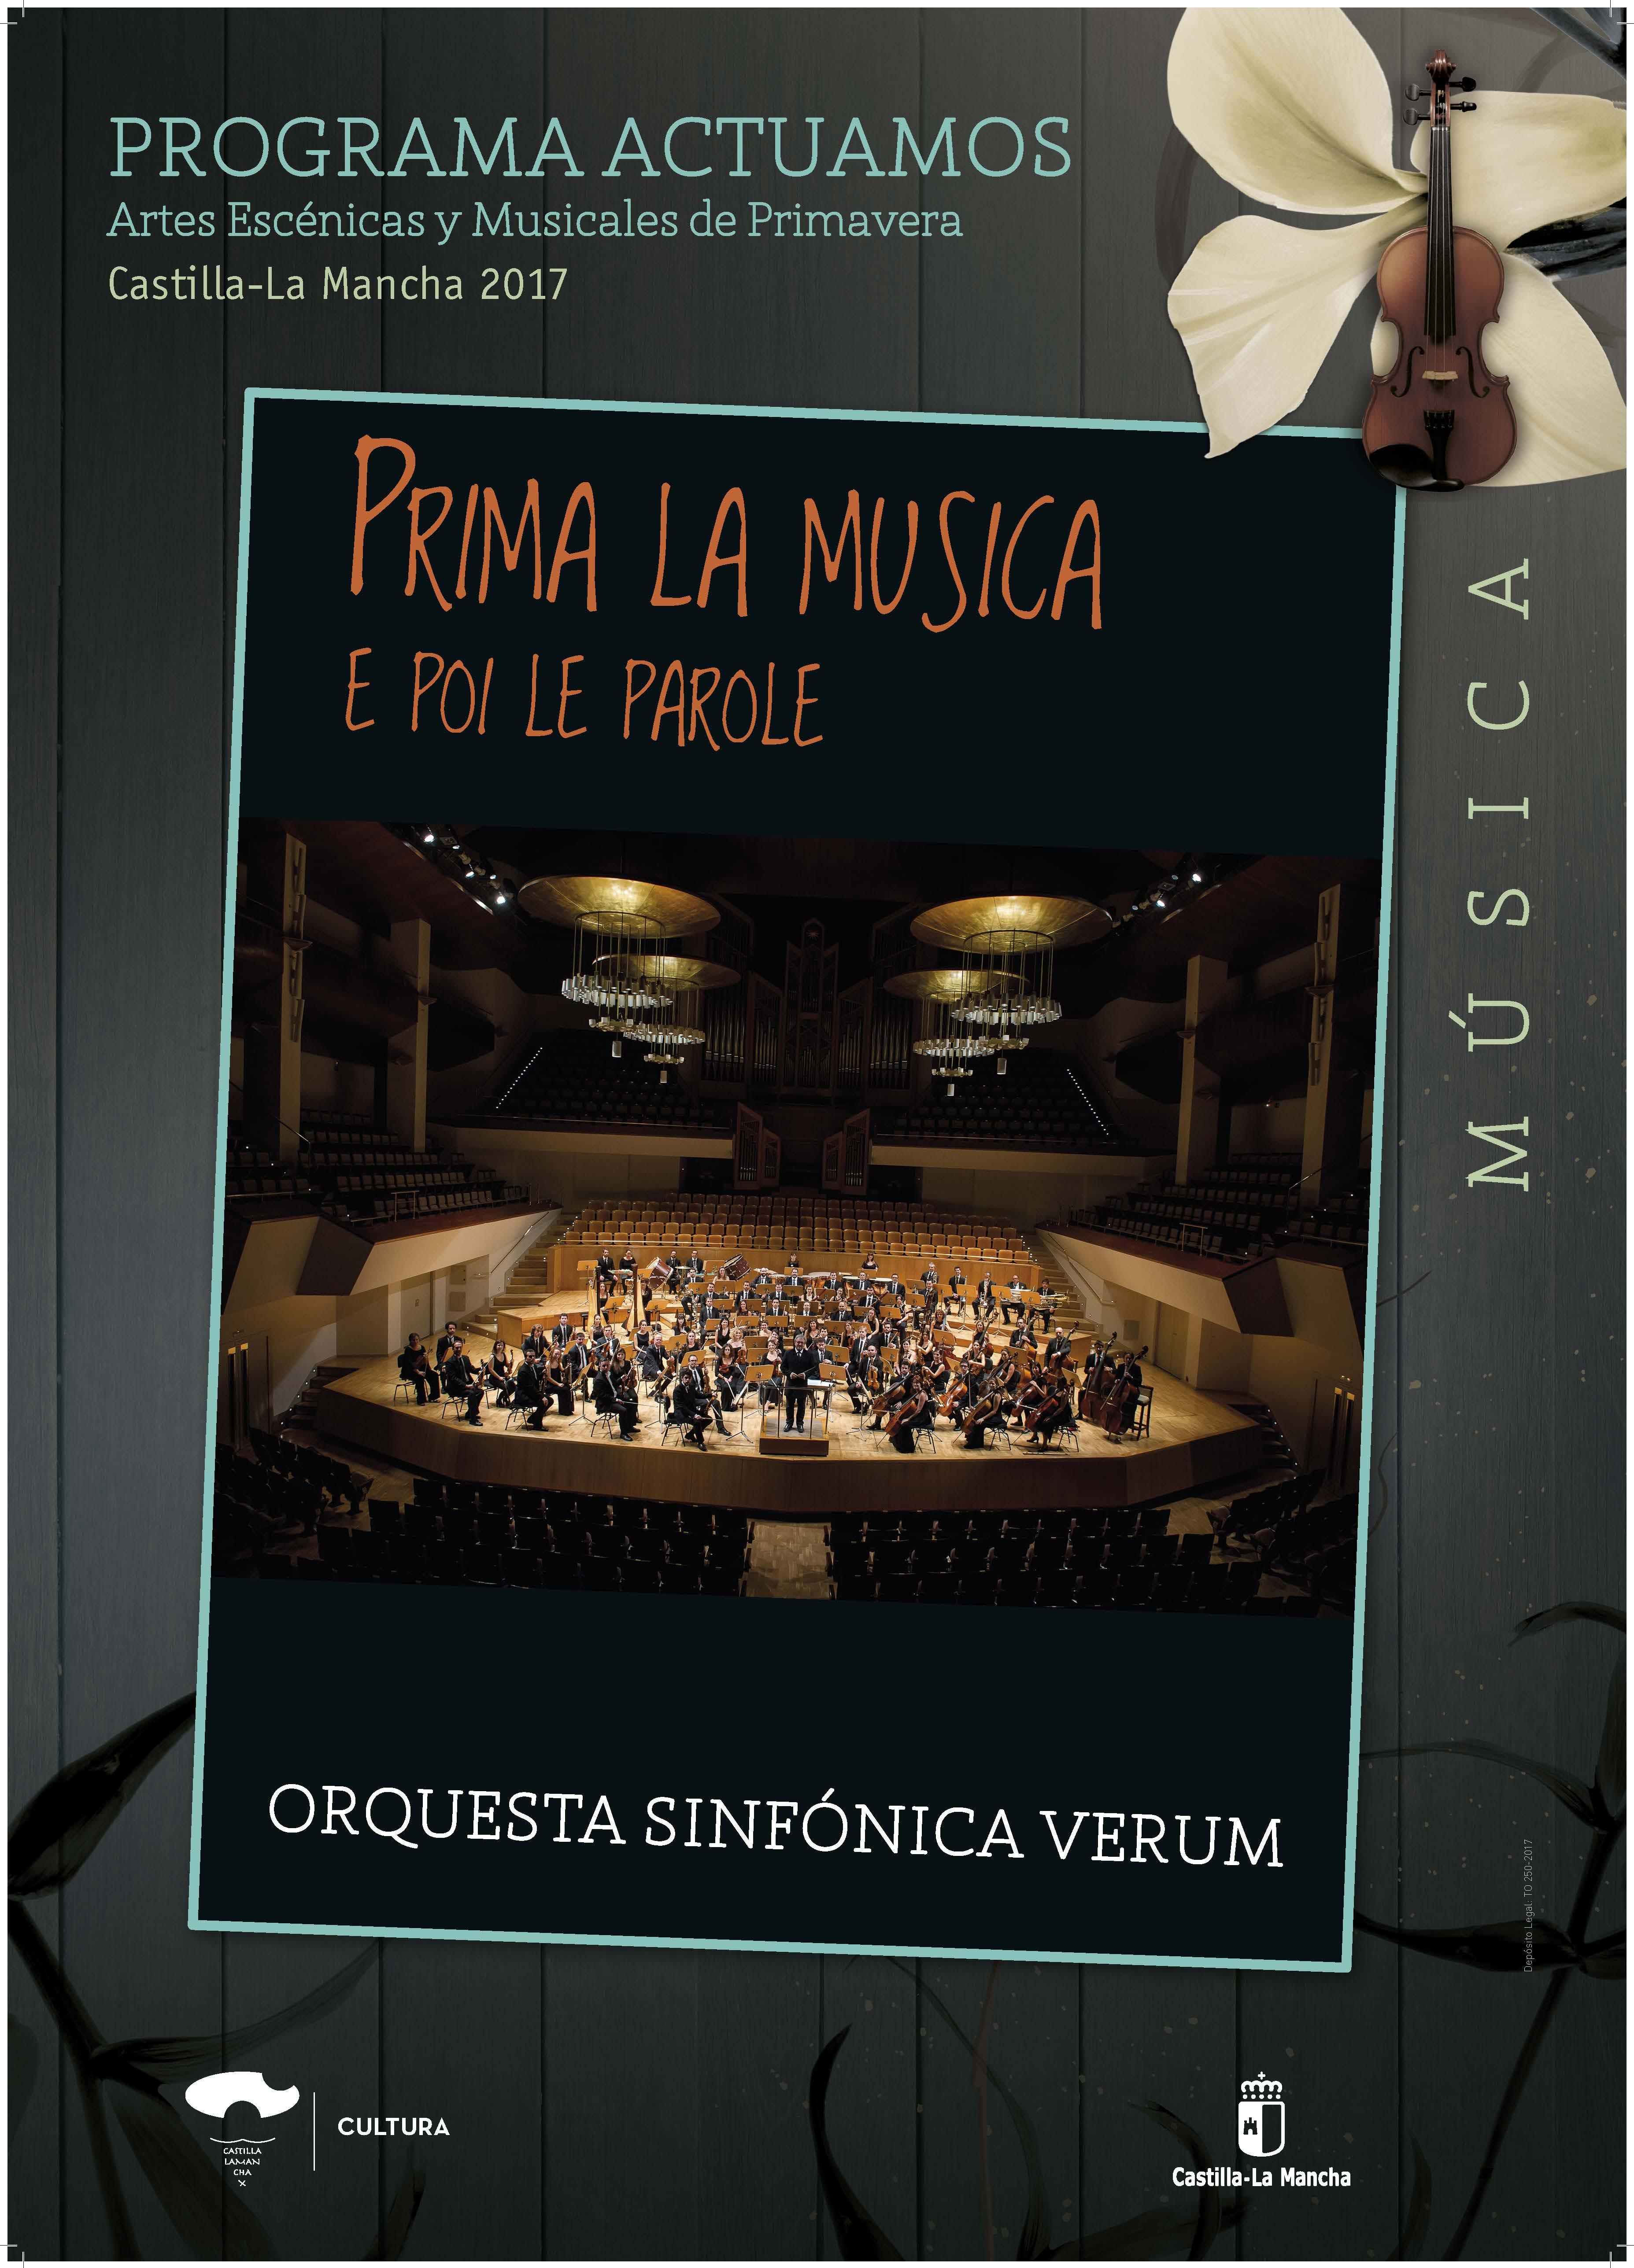 Imagen de la actividad PRIMA LA MUSICA E POI LE PAROLE (Orquesta Sinfónica Verum)